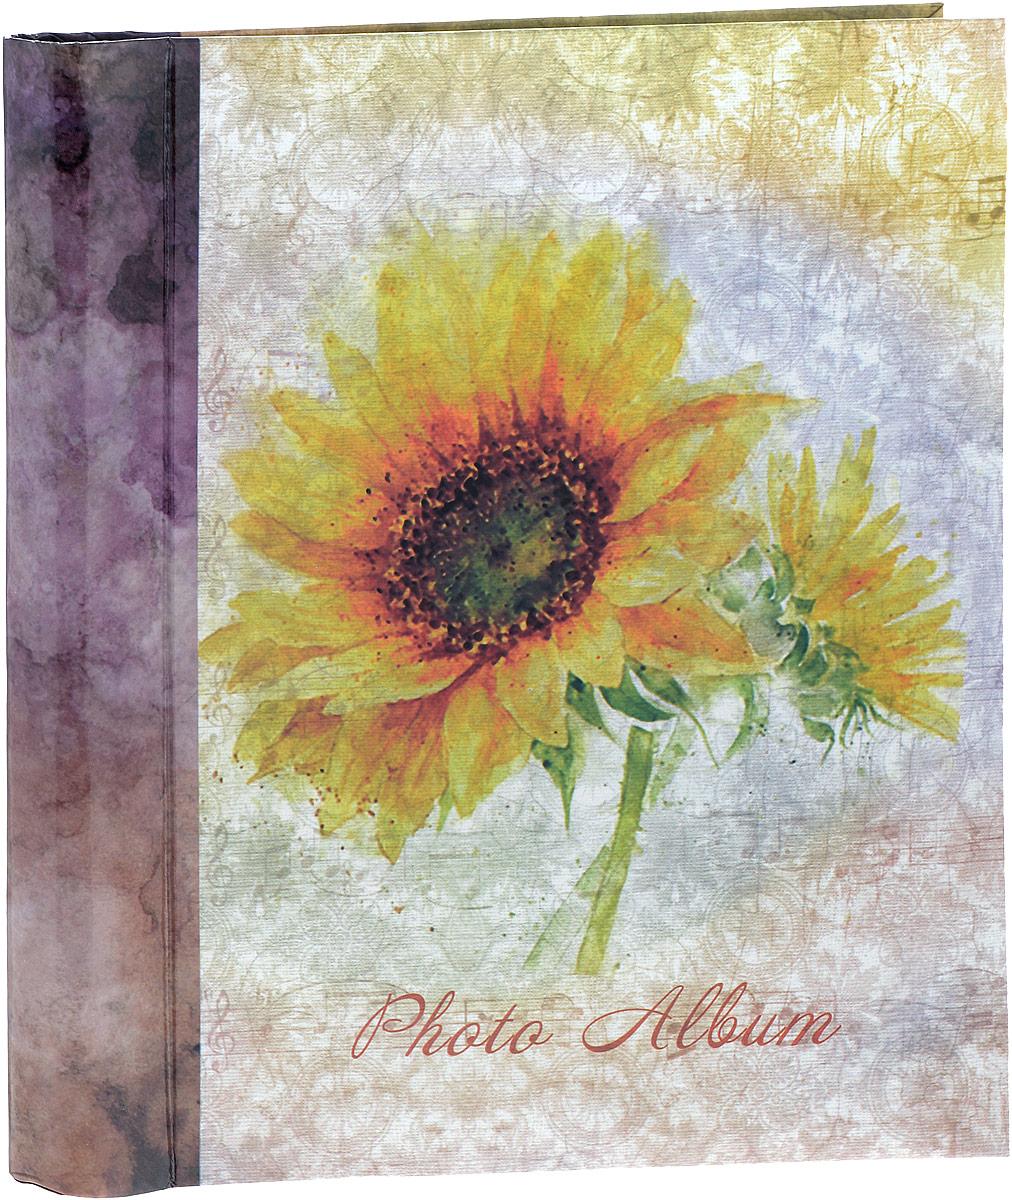 Фотоальбом Platinum Цветочная коллекция - 7, 30 листов, цвет: желтый, бежевый. 9820-303М2314_желтый, коричневый/9820-30Фотоальбом Platinum Цветочная коллекция - 7, изготовленный из ламинированного картона с клеевым покрытием и пленки ПВХ, поможет сохранить вам самые важные и счастливые события вашей жизни. Этот альбом станет драгоценной памятью для вас, вашего ребенка и, возможно, ваших внуков. Обложка выполнена из толстого картона и оформлена оригинальным рисунком. Внутри содержится 30 магнитных листов, которые скреплены с помощью спирали. Нам всегда так приятно вспоминать о самых счастливых моментах жизни, запечатленных на фотографиях. Поэтому фотоальбом является универсальным подарком к любому празднику. Размер листа: 22,5 х 28 см.